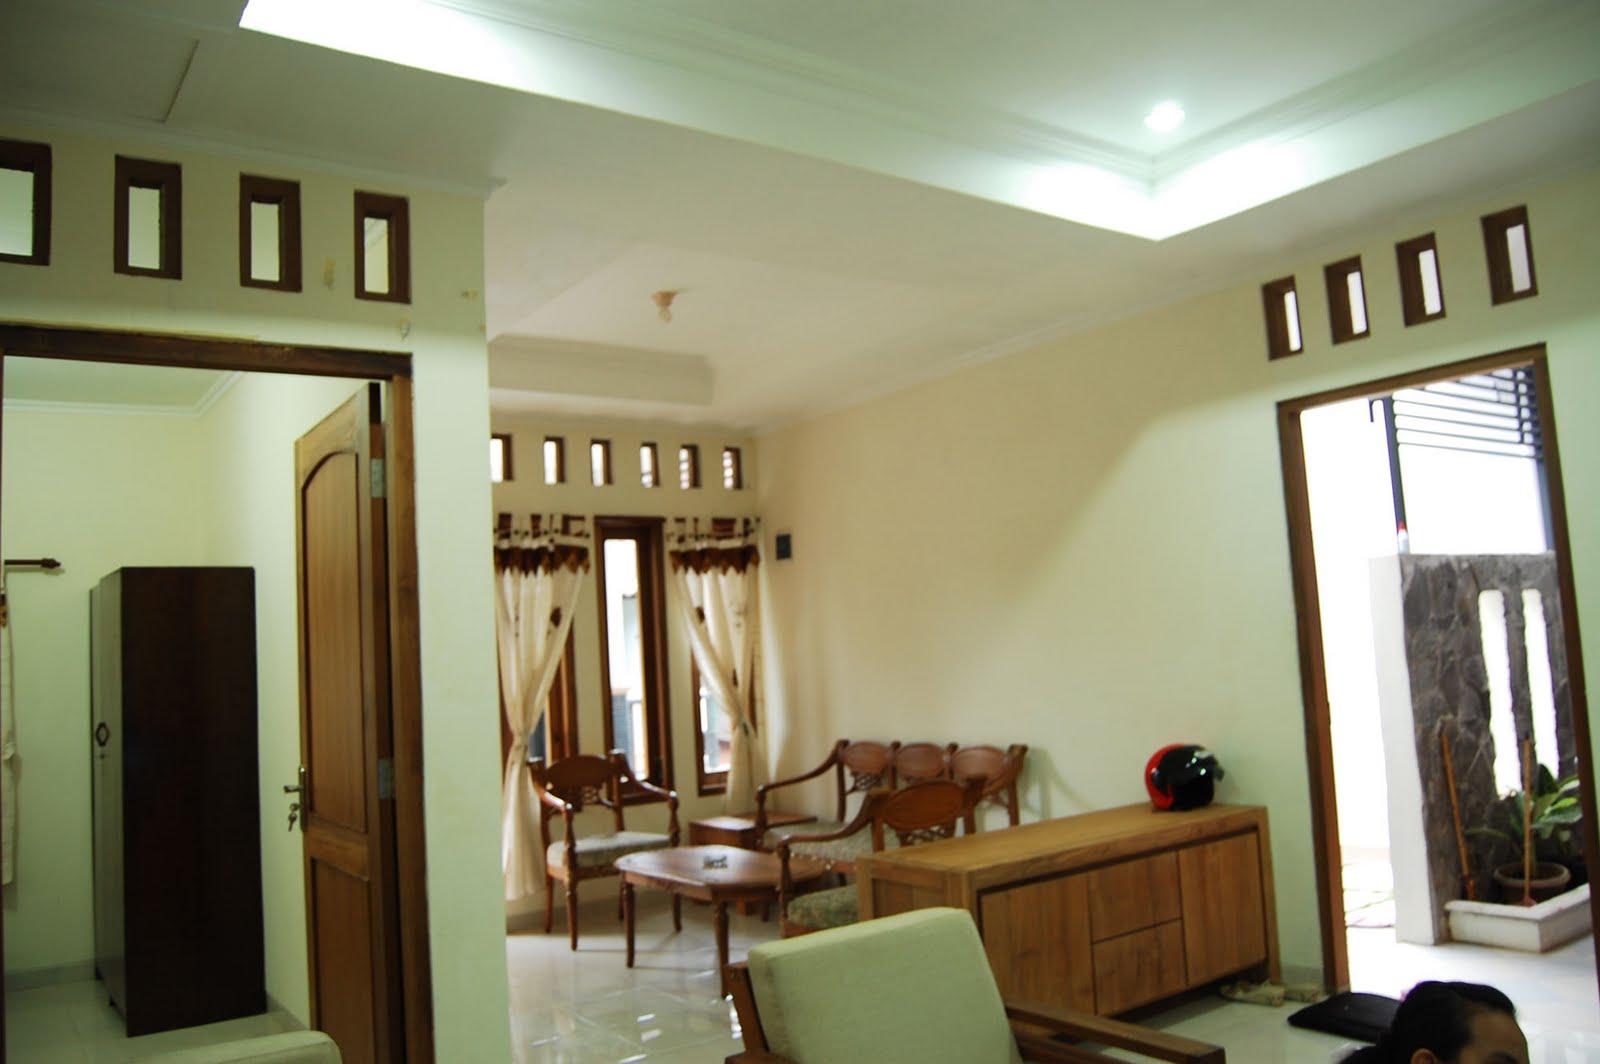 Ruang Tamu Sederhana Di Desa